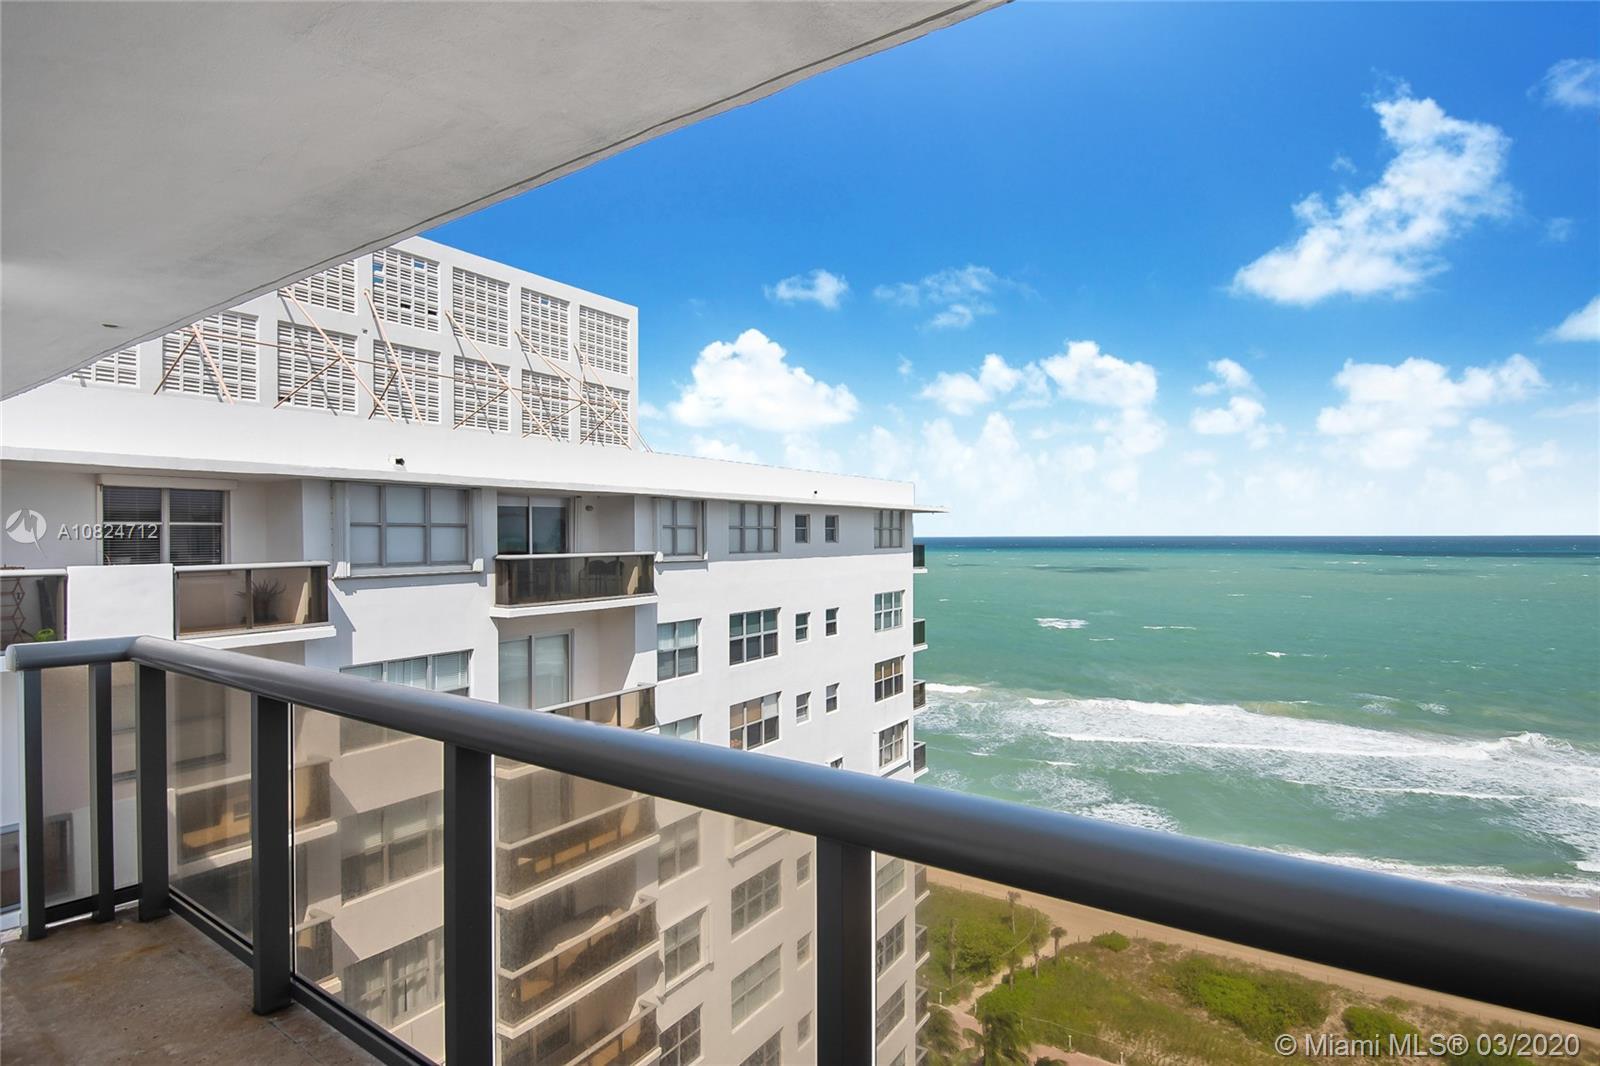 Maison Grande #PH19 - 6039 Collins #PH19, Miami Beach, FL 33140